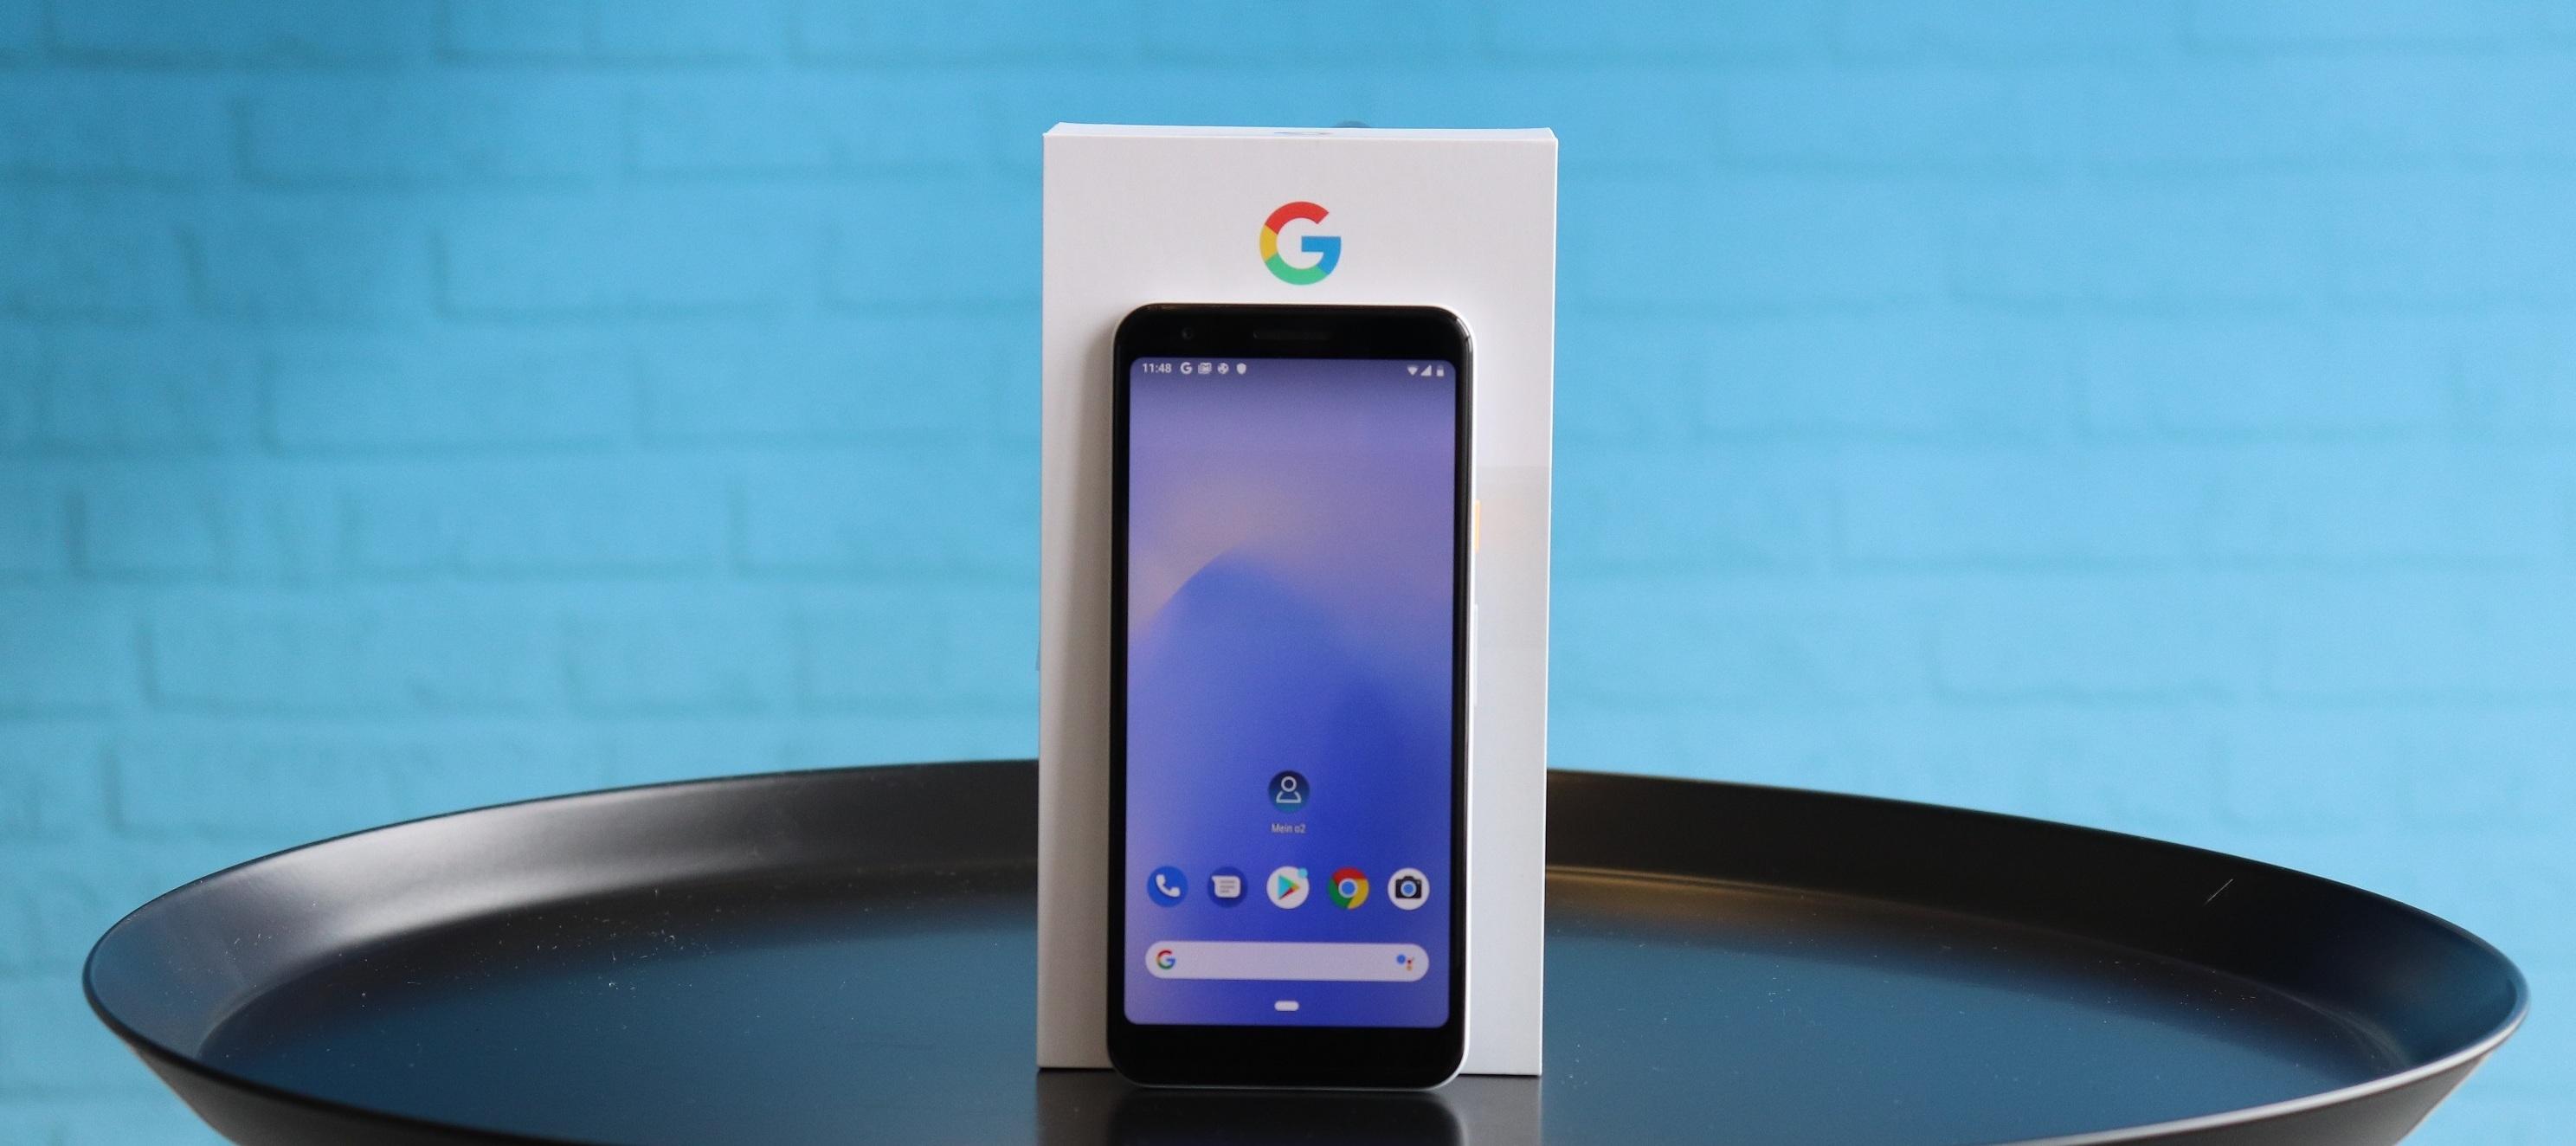 Google Pixel 3a Testgerät - Smartphone testen, gehört es zu den Besten? Bewirb dich jetzt!